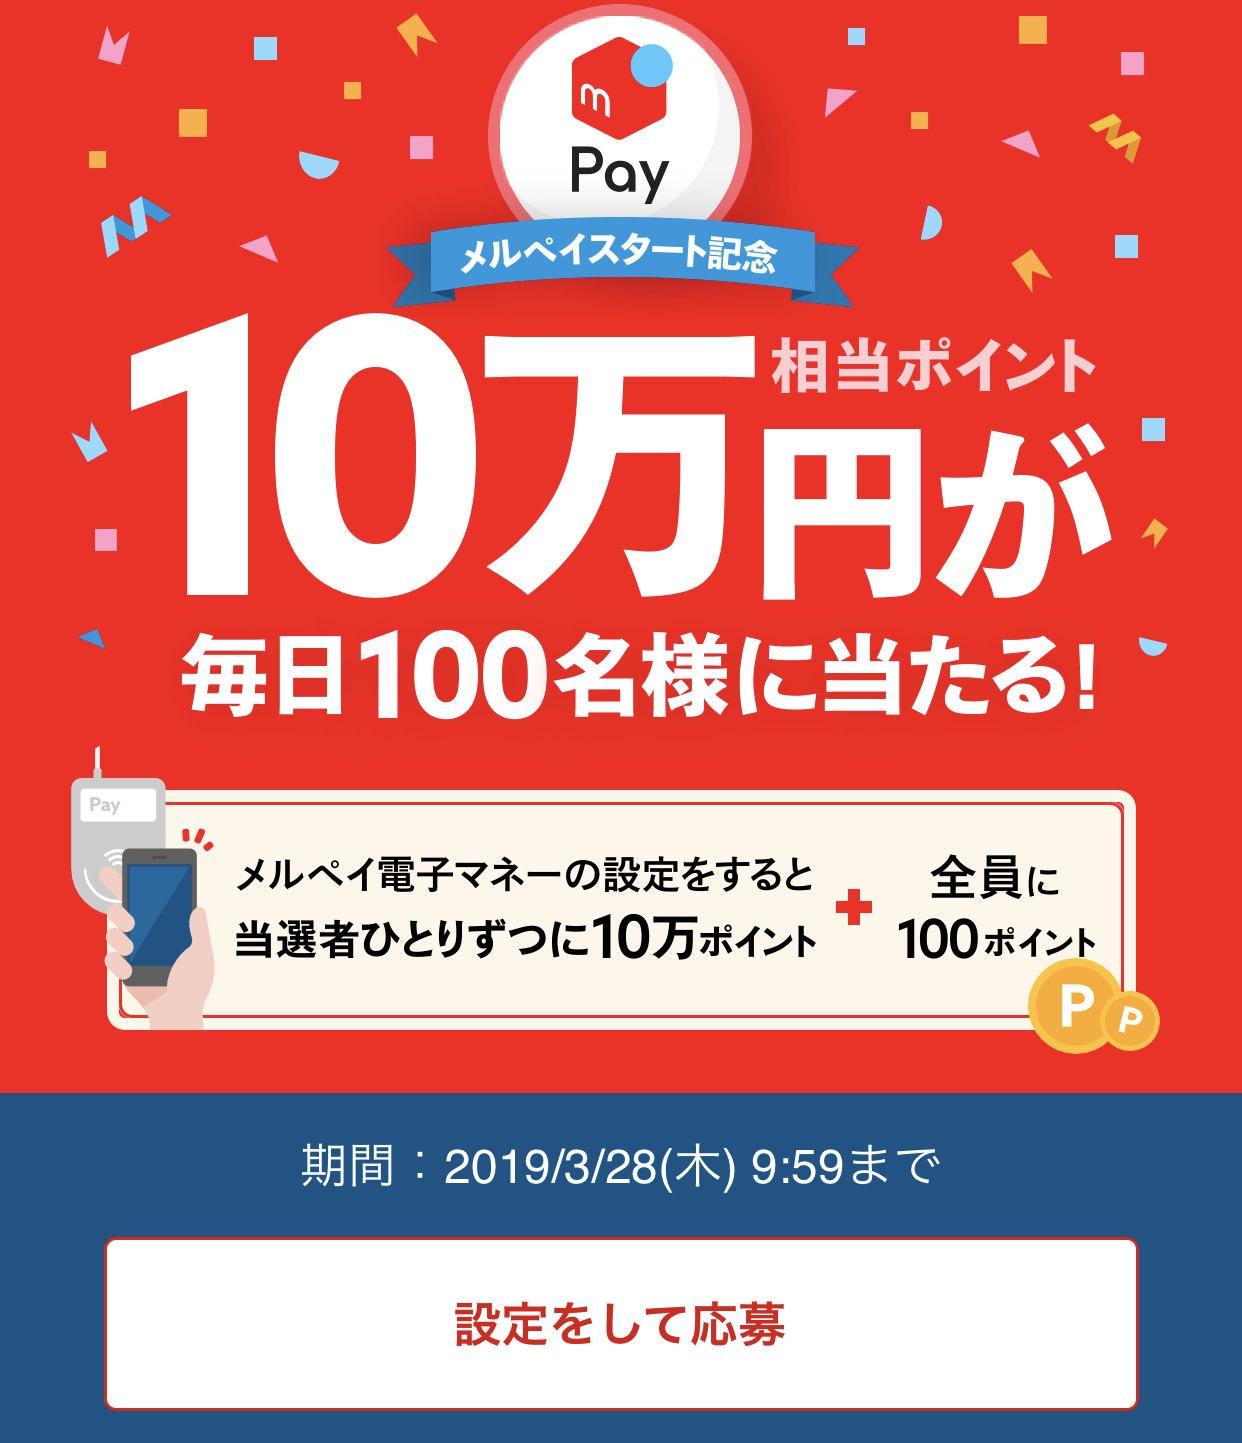 【メルペイ】設定するだけで10万円が毎日100名に当たるキャンペーン(3/28まで)